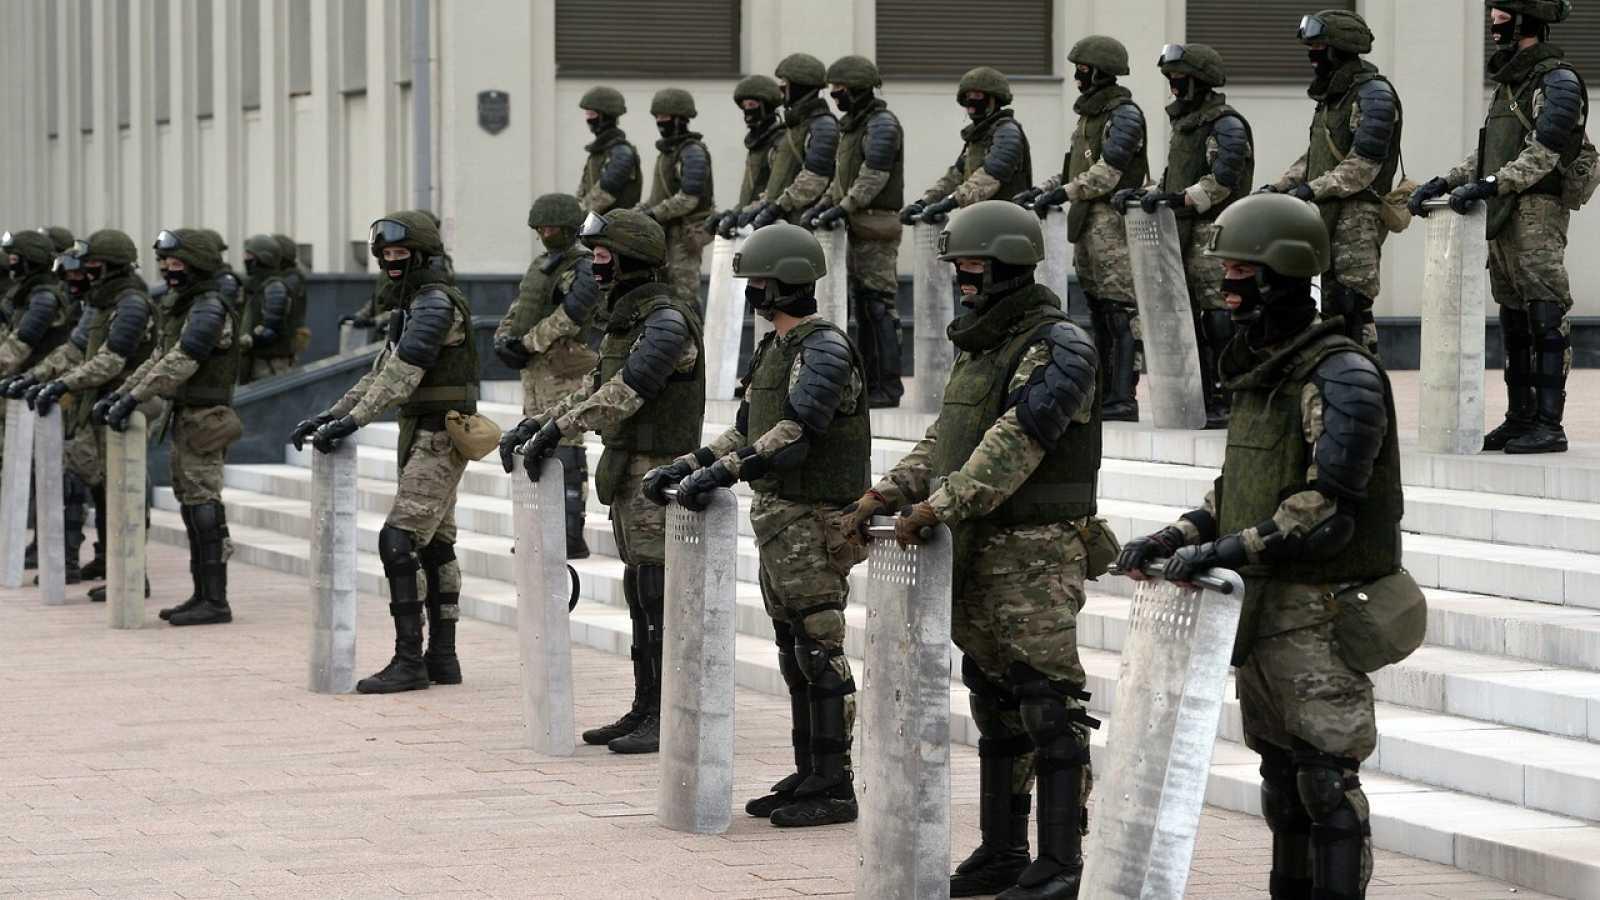 Miembros de las tropas del Ministerio del Interior bieloruso hacen guardia durante una manifestación en apoyo de la oposición